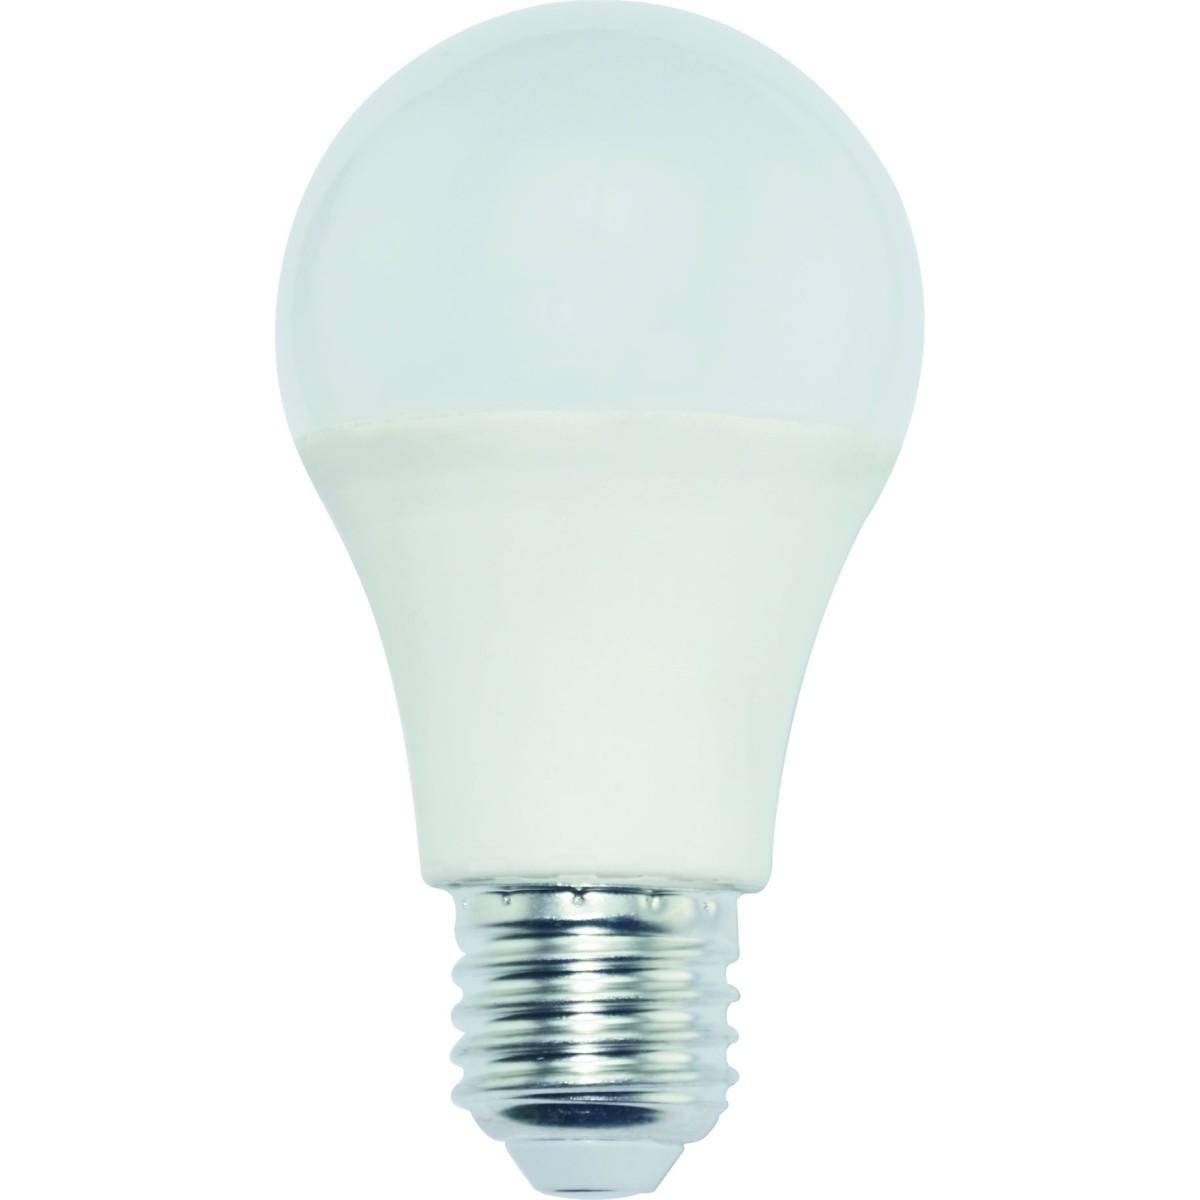 Лампа Ecola light E27 12 Вт груша 960 Лм холодный 4 шт